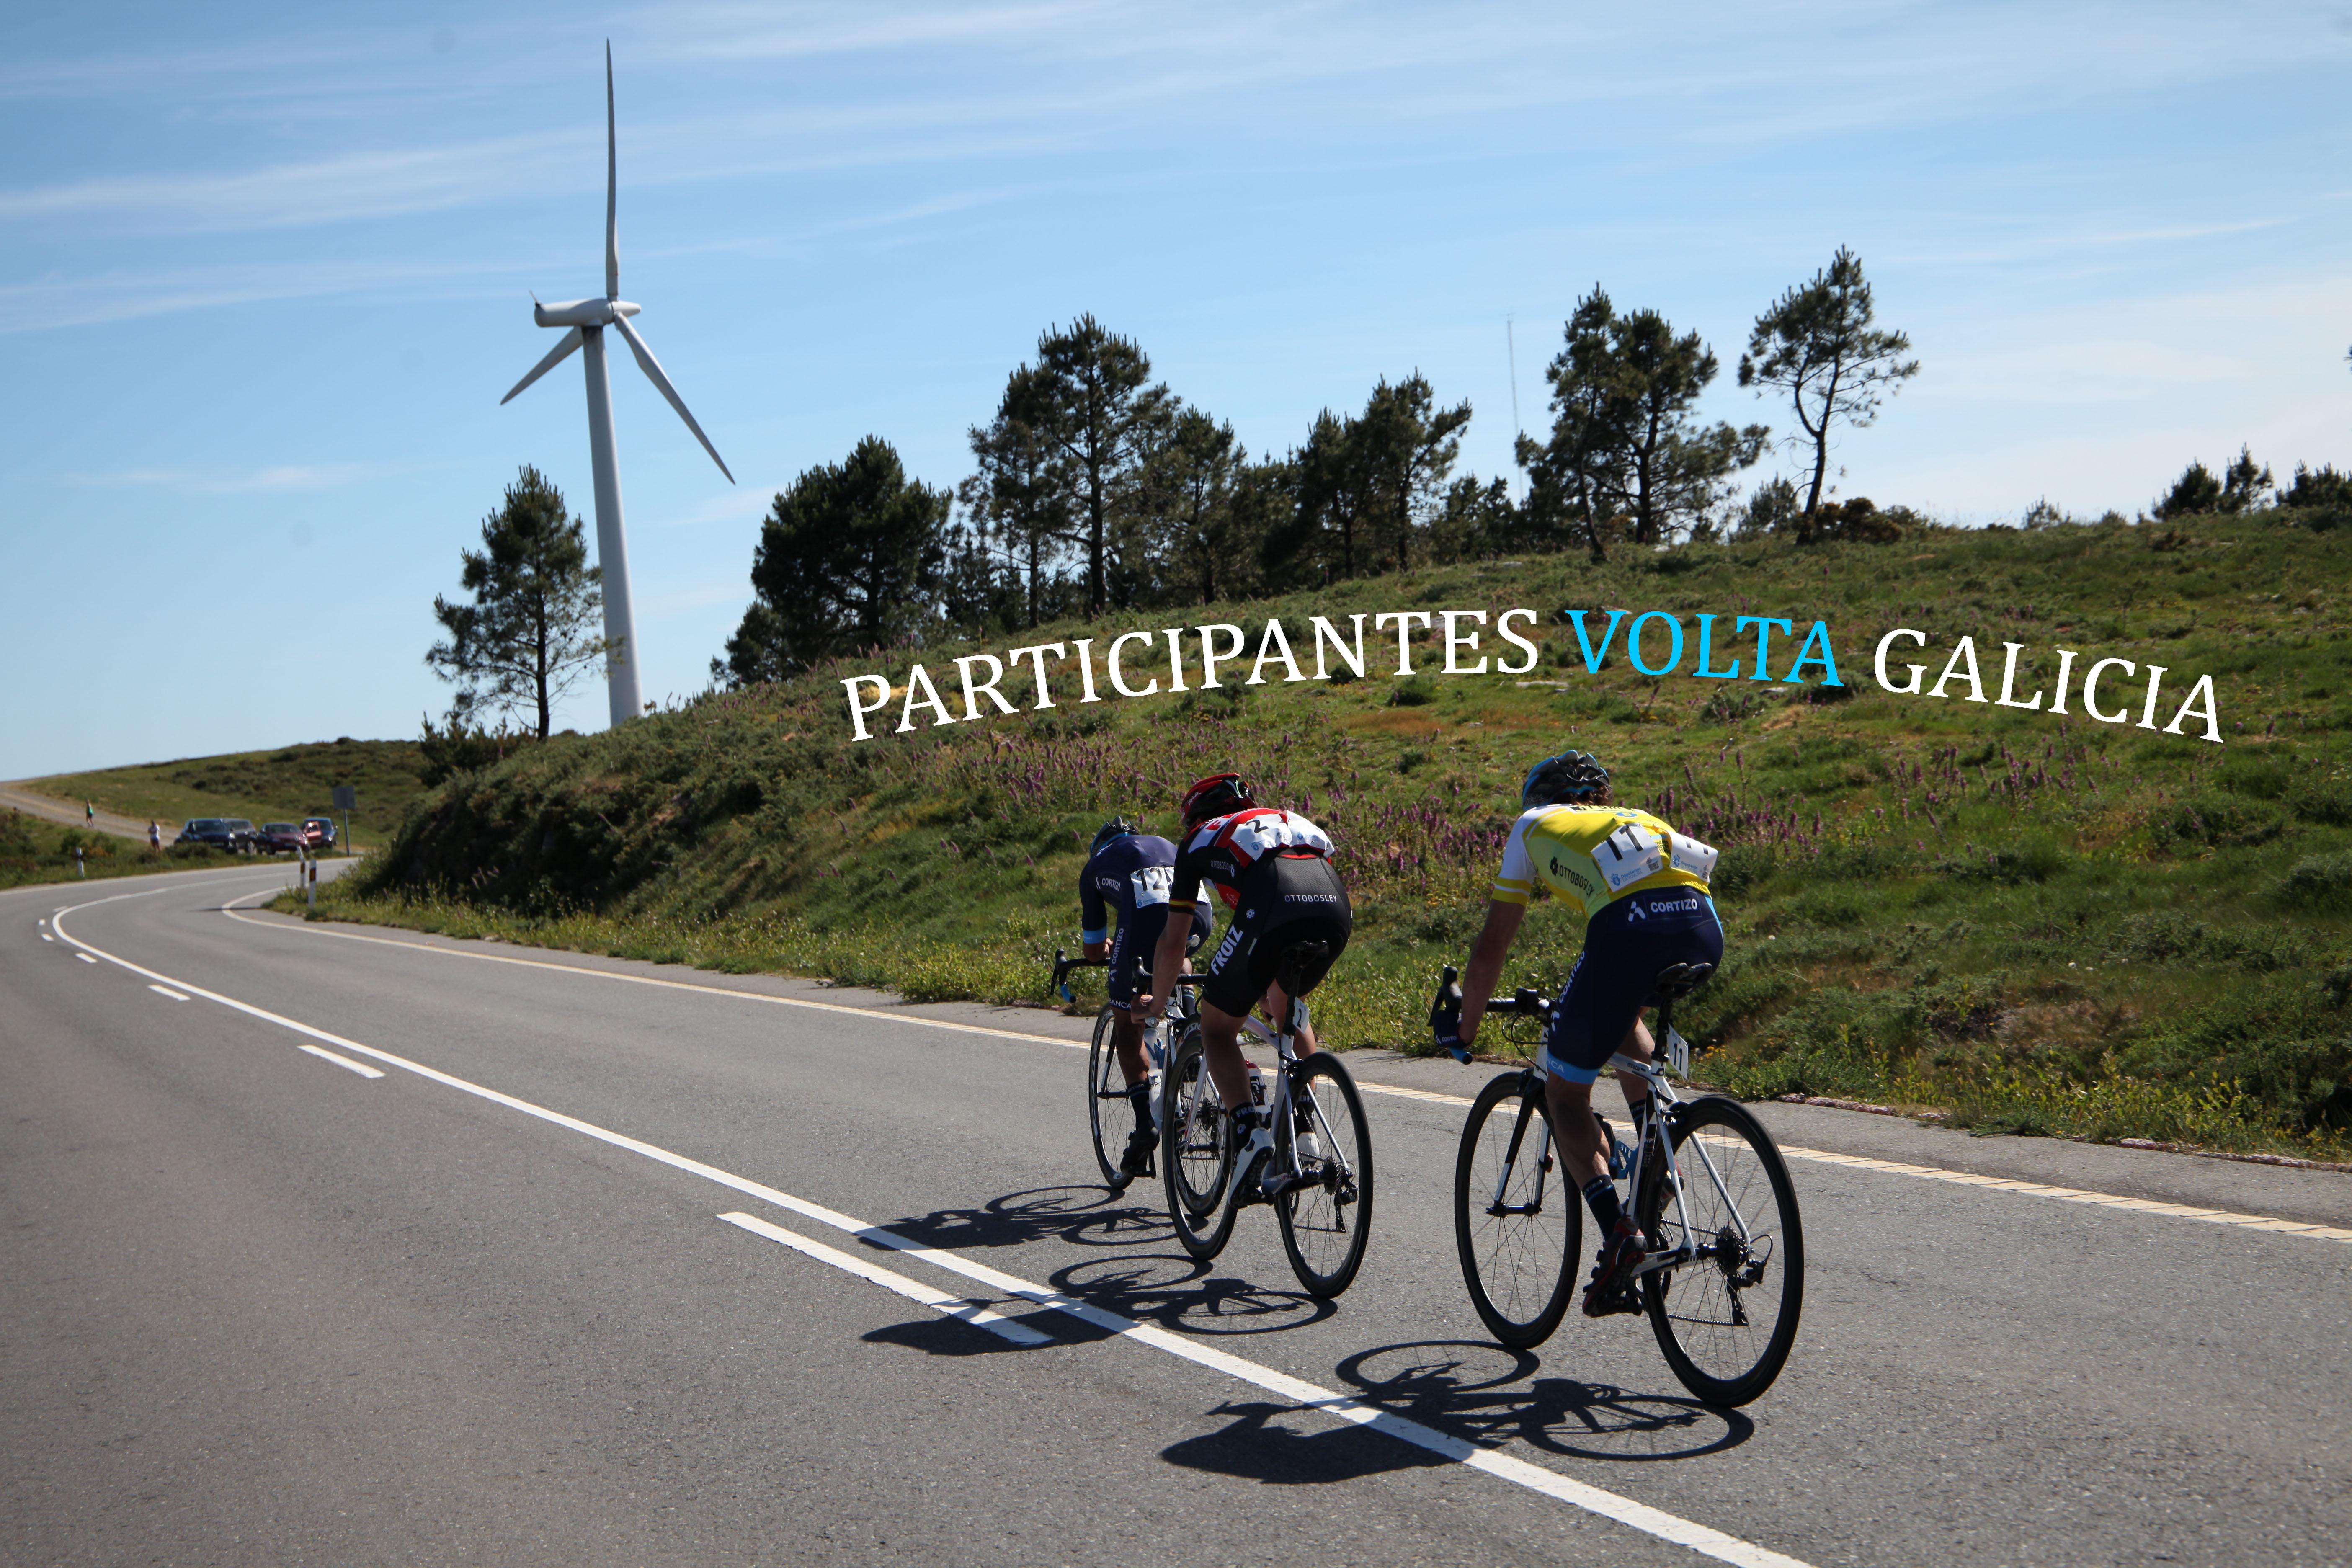 Participantes Alineaciones Volta Galicia